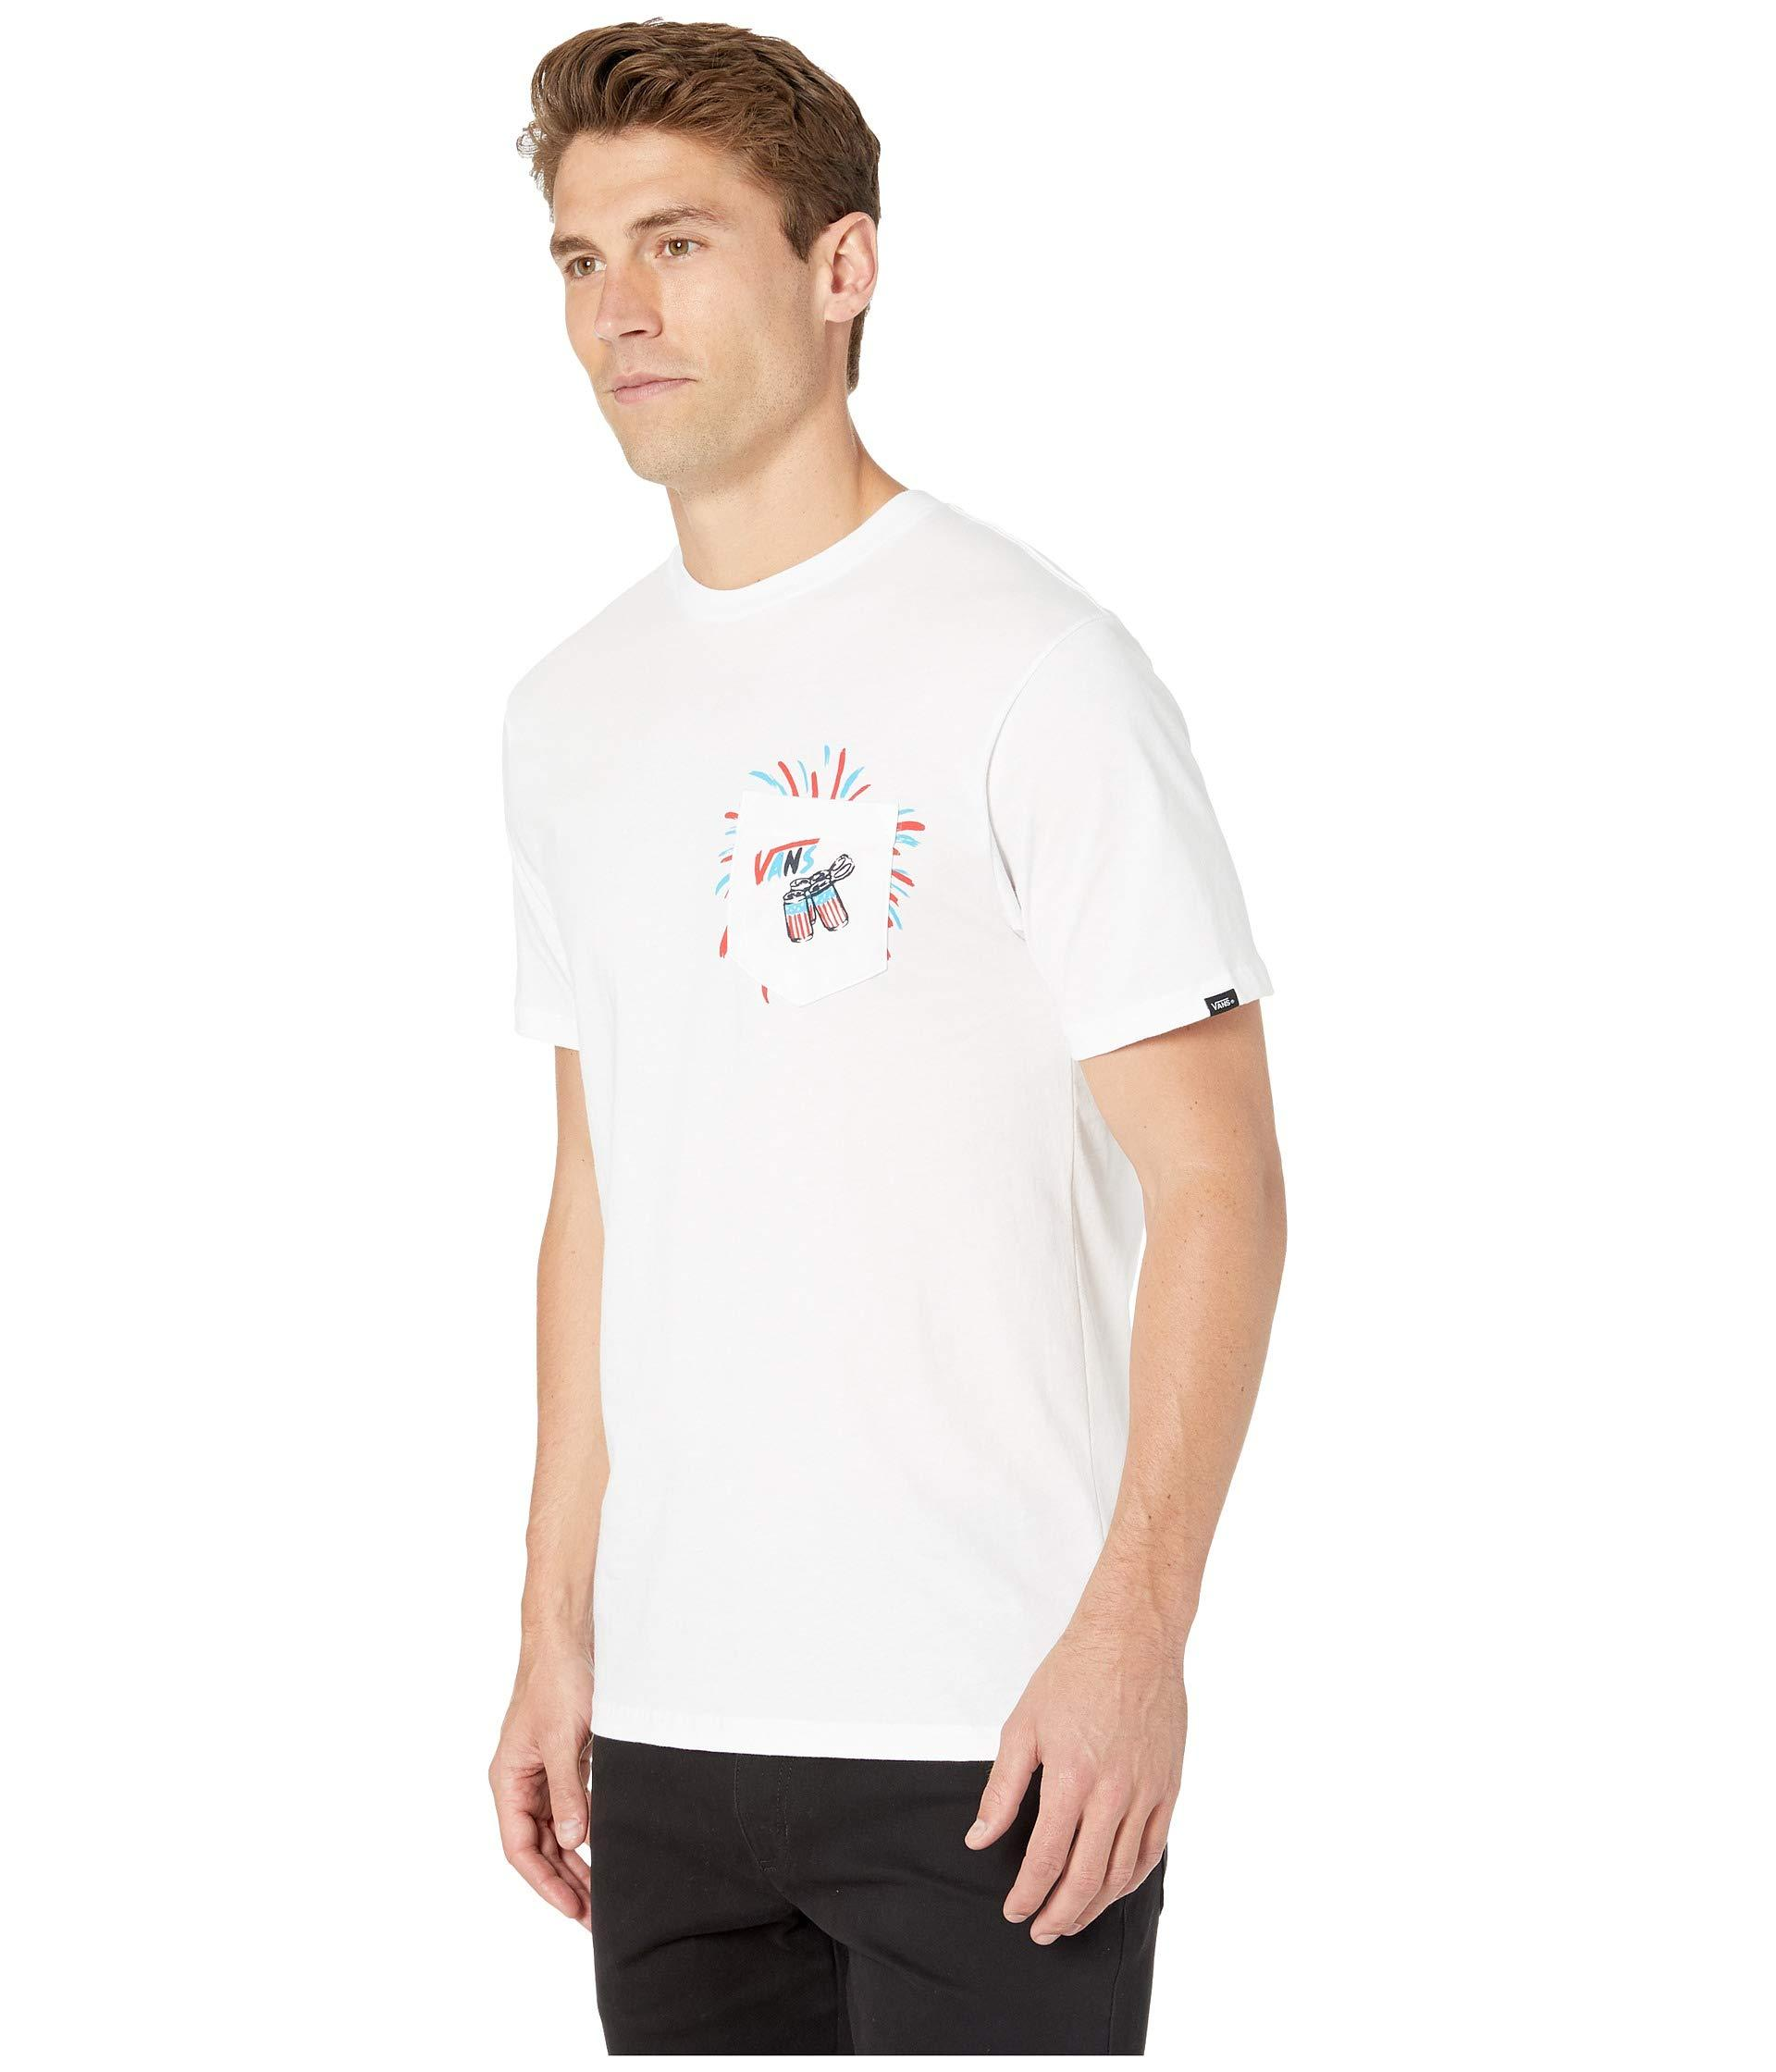 fe97c1e43fffe4 Lyst - Vans Uncle Slam Pocket T-shirt (white) Men s T Shirt in White for Men